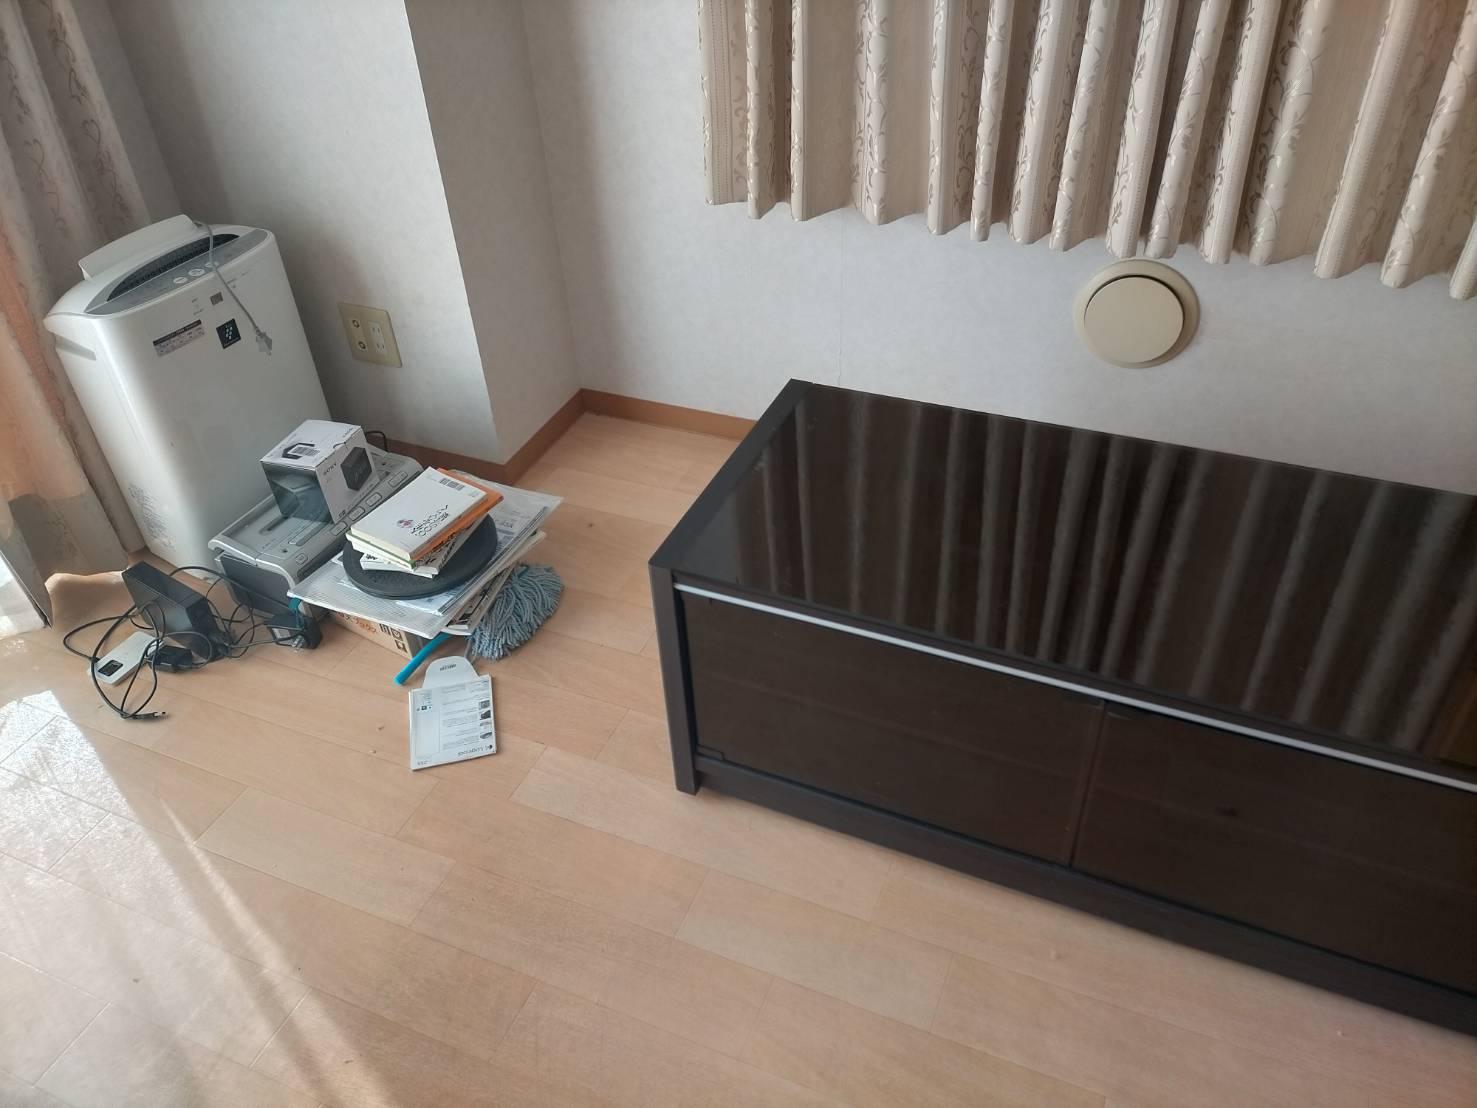 テレビ台、加湿器、CDプレイヤーの回収前